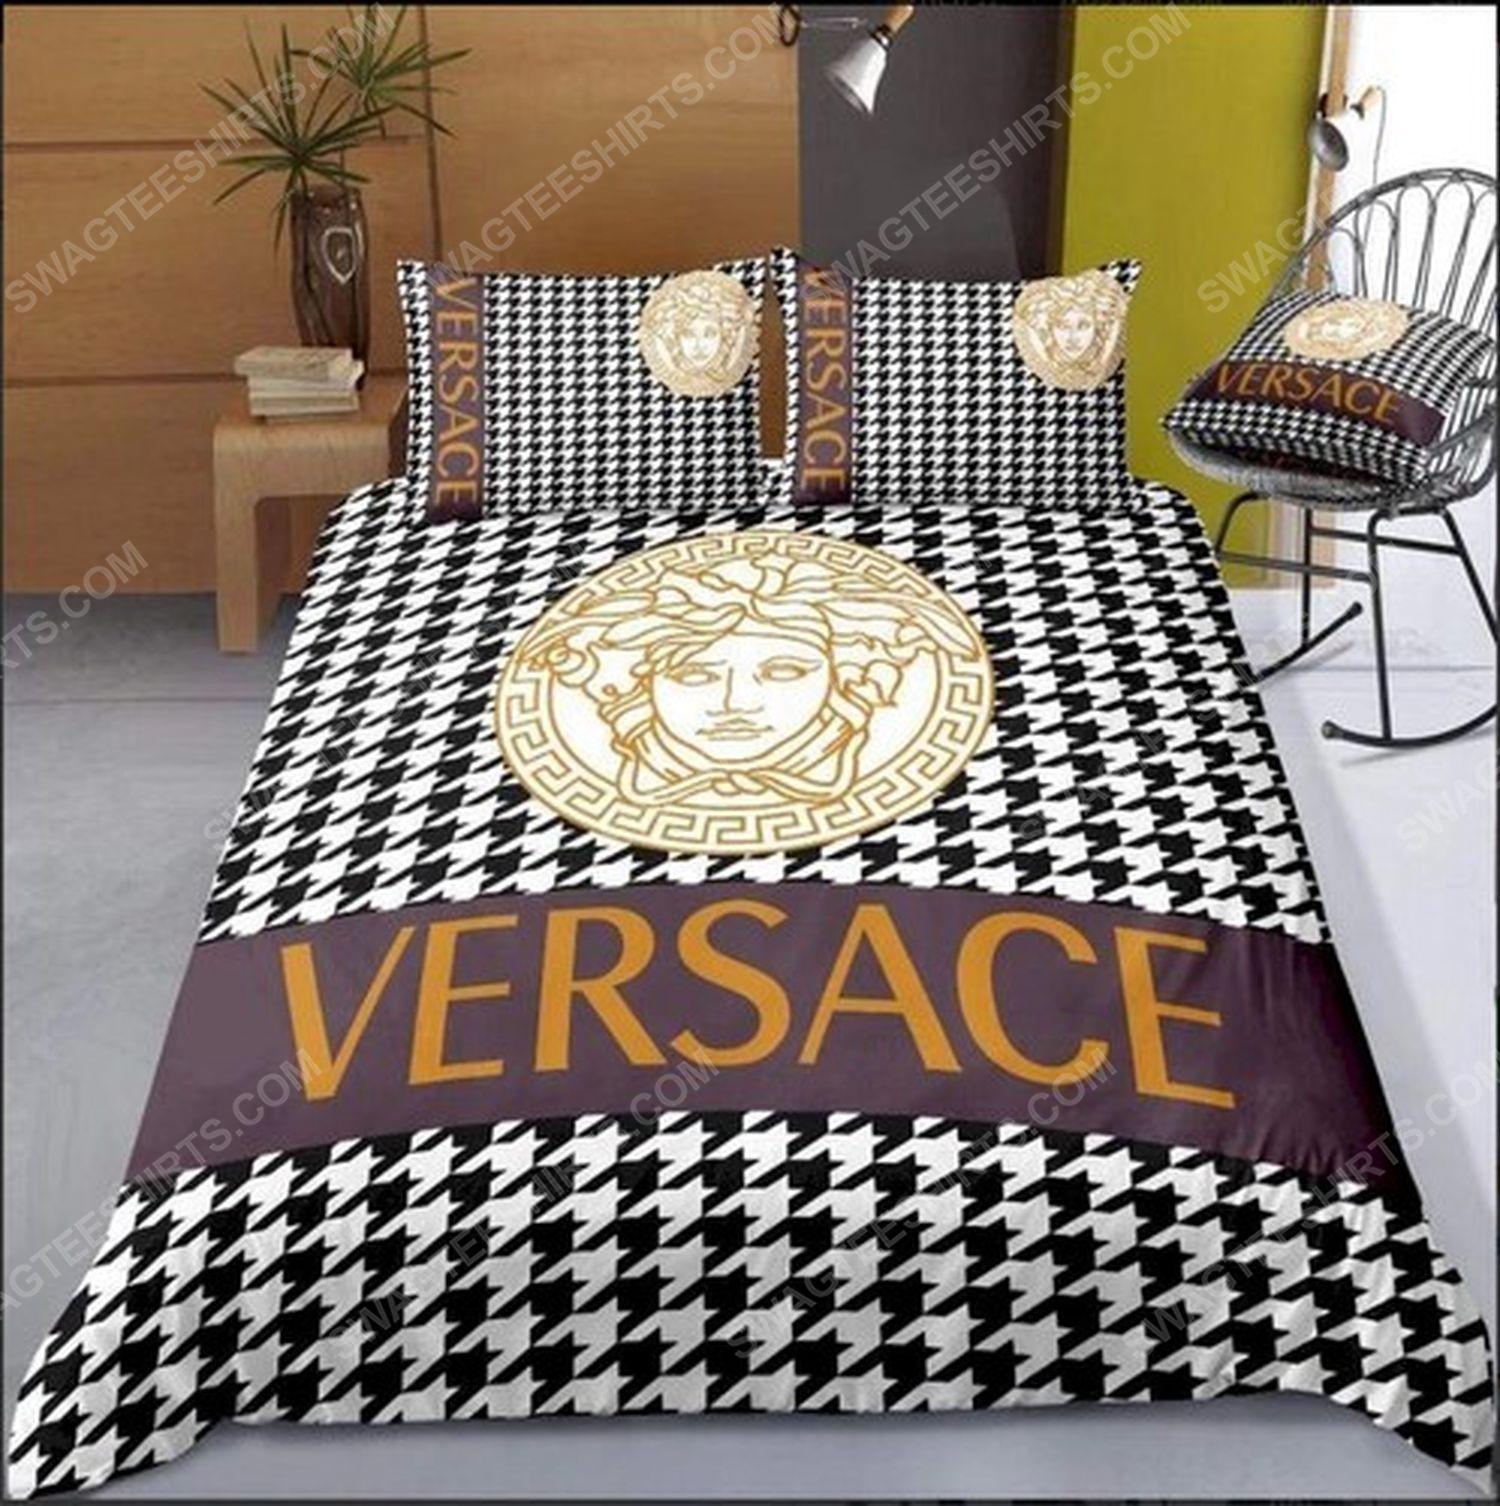 Versace home monogram full print duvet cover bedding set 2